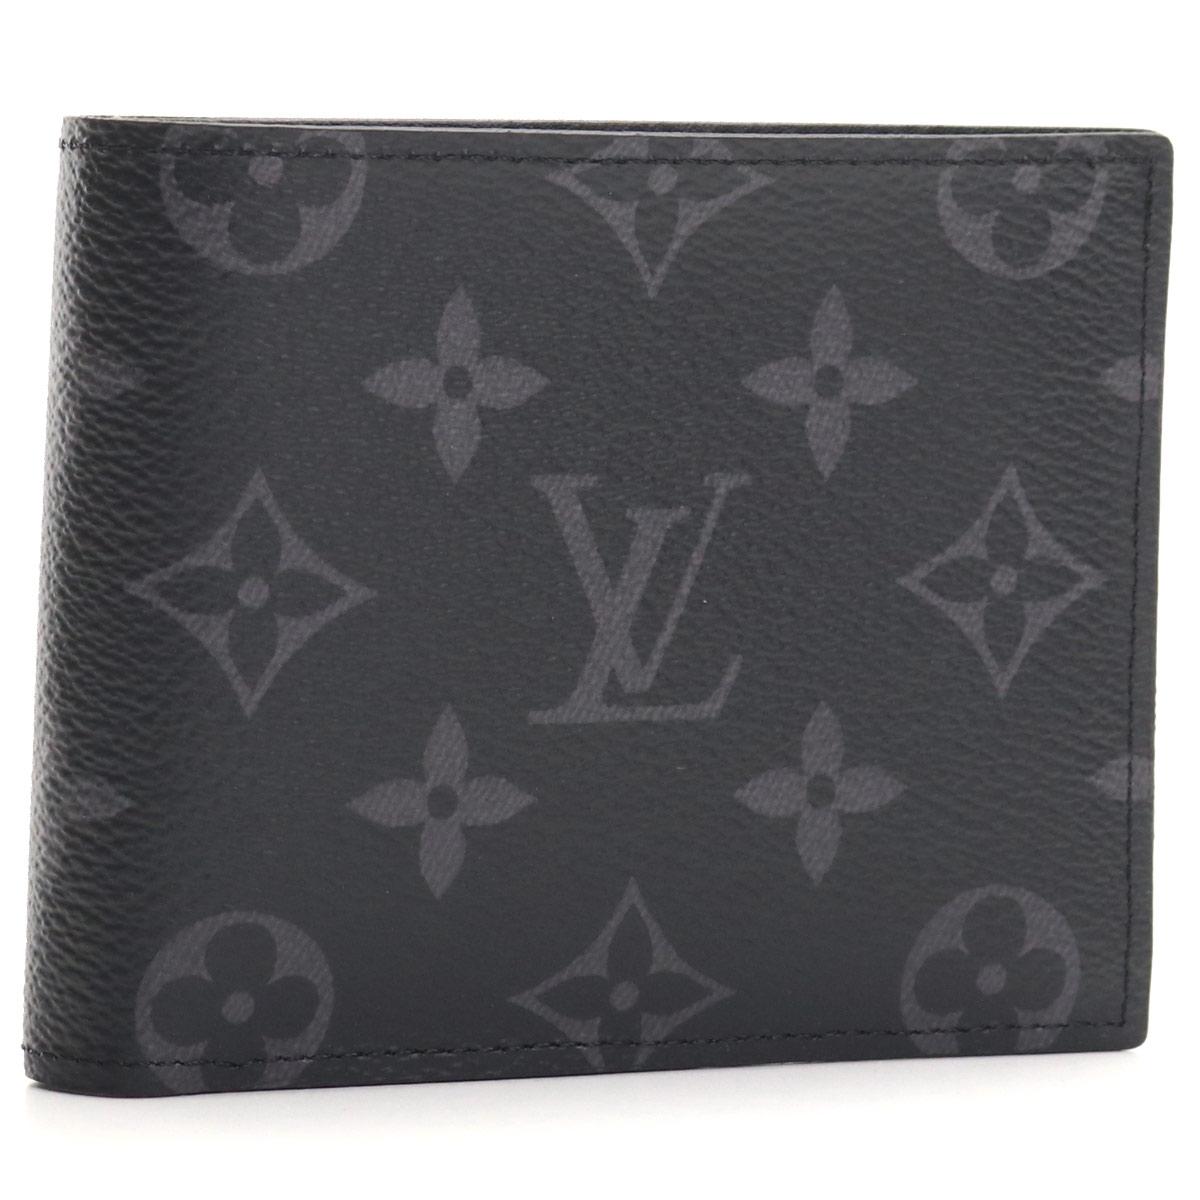 ルイ・ヴィトン LOUIS VUITTON エクリプス 二折財布小銭 M62545 エクリプス  メンズ